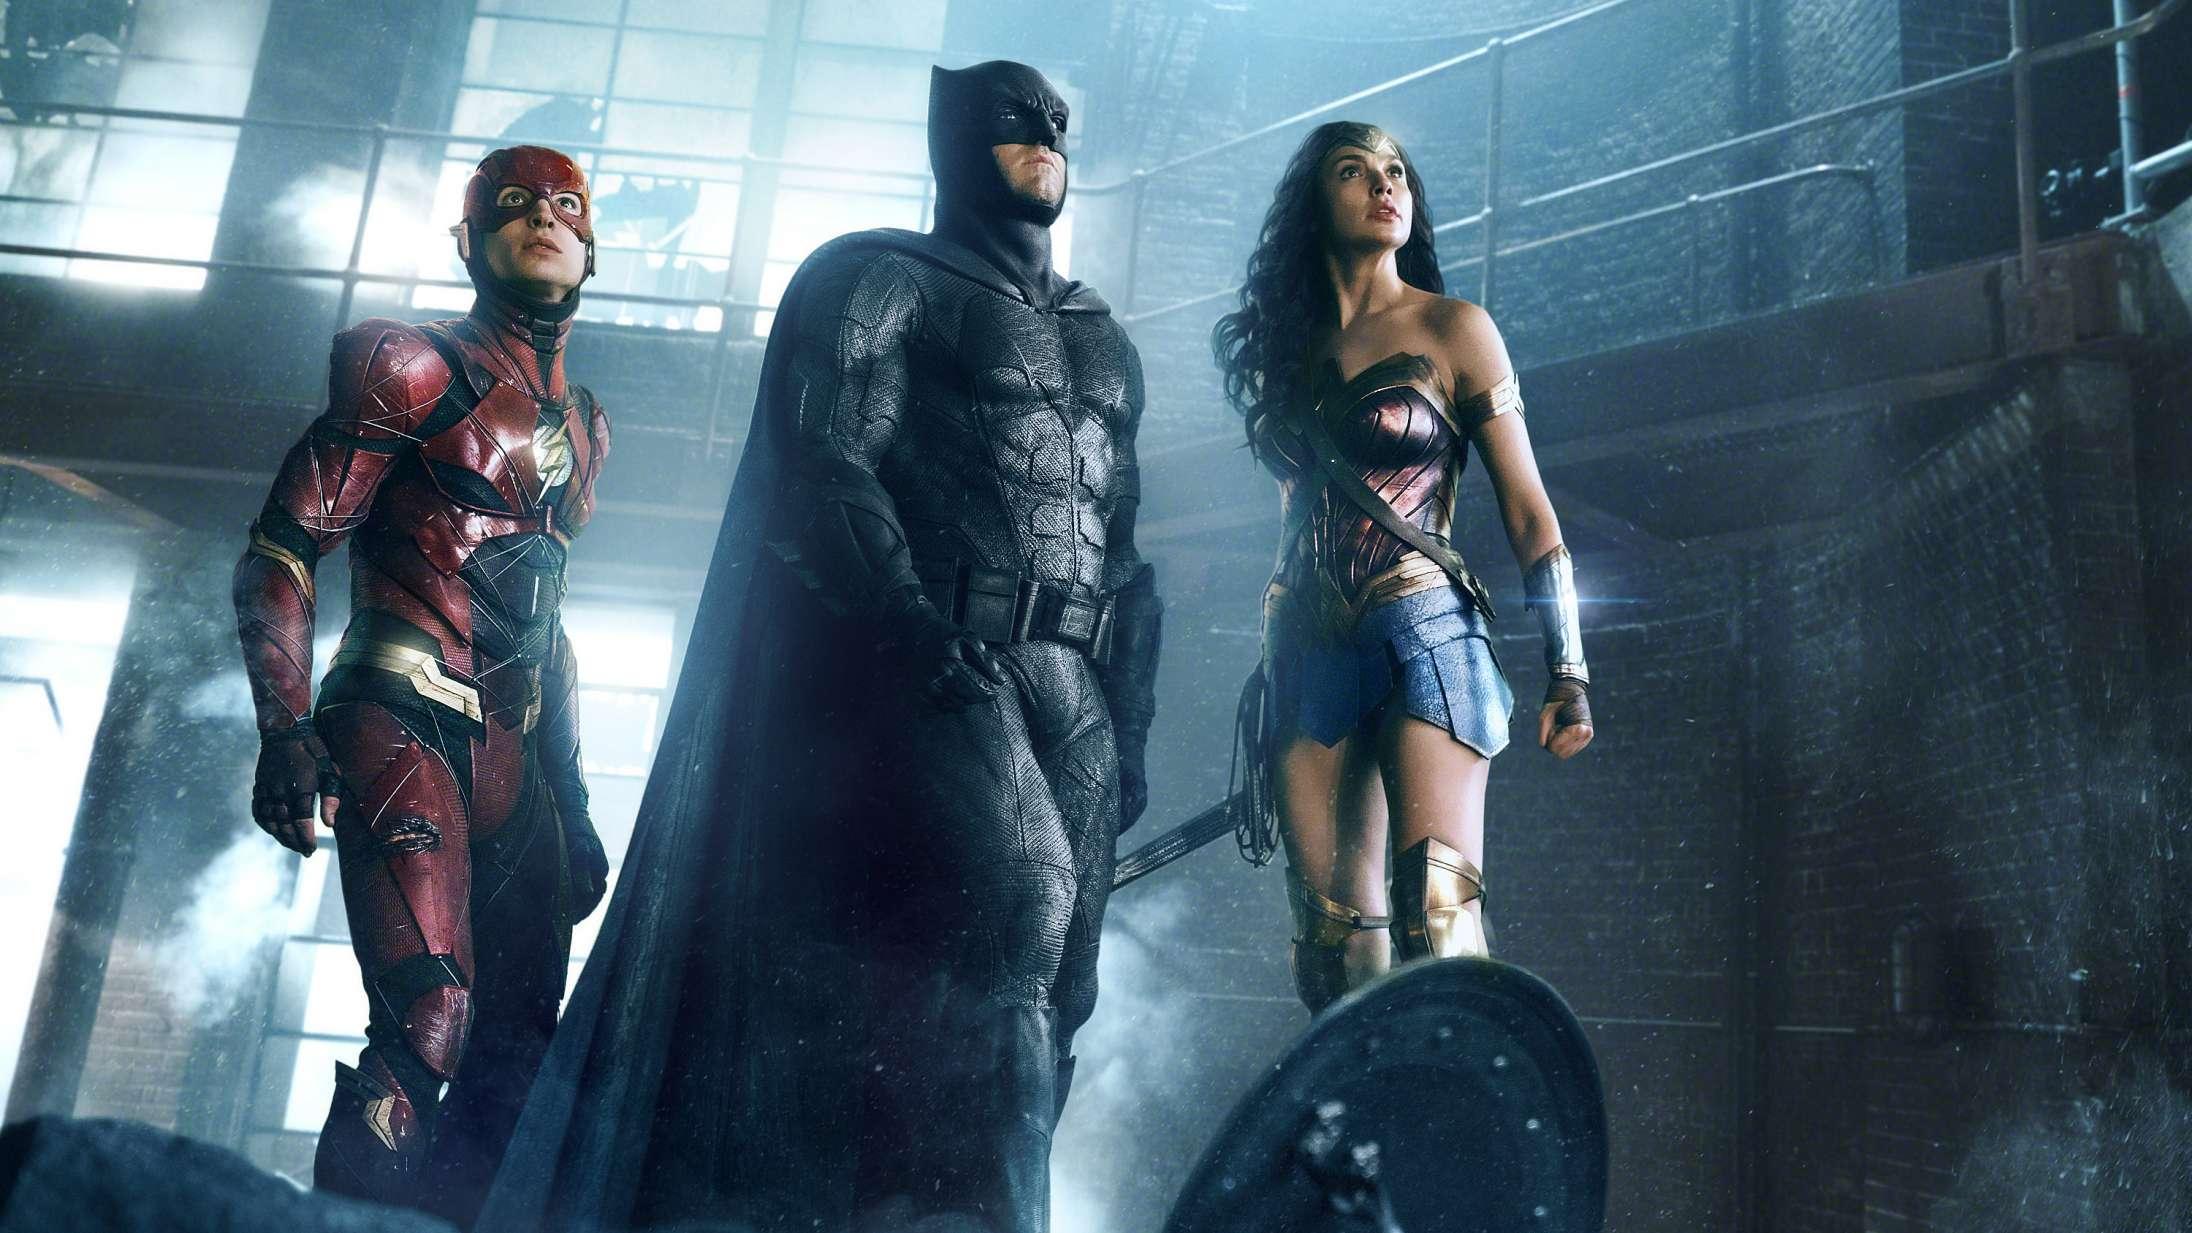 Jared Letos Joker gør comeback i ny trailer til 'Zack Snyder's Justice League'